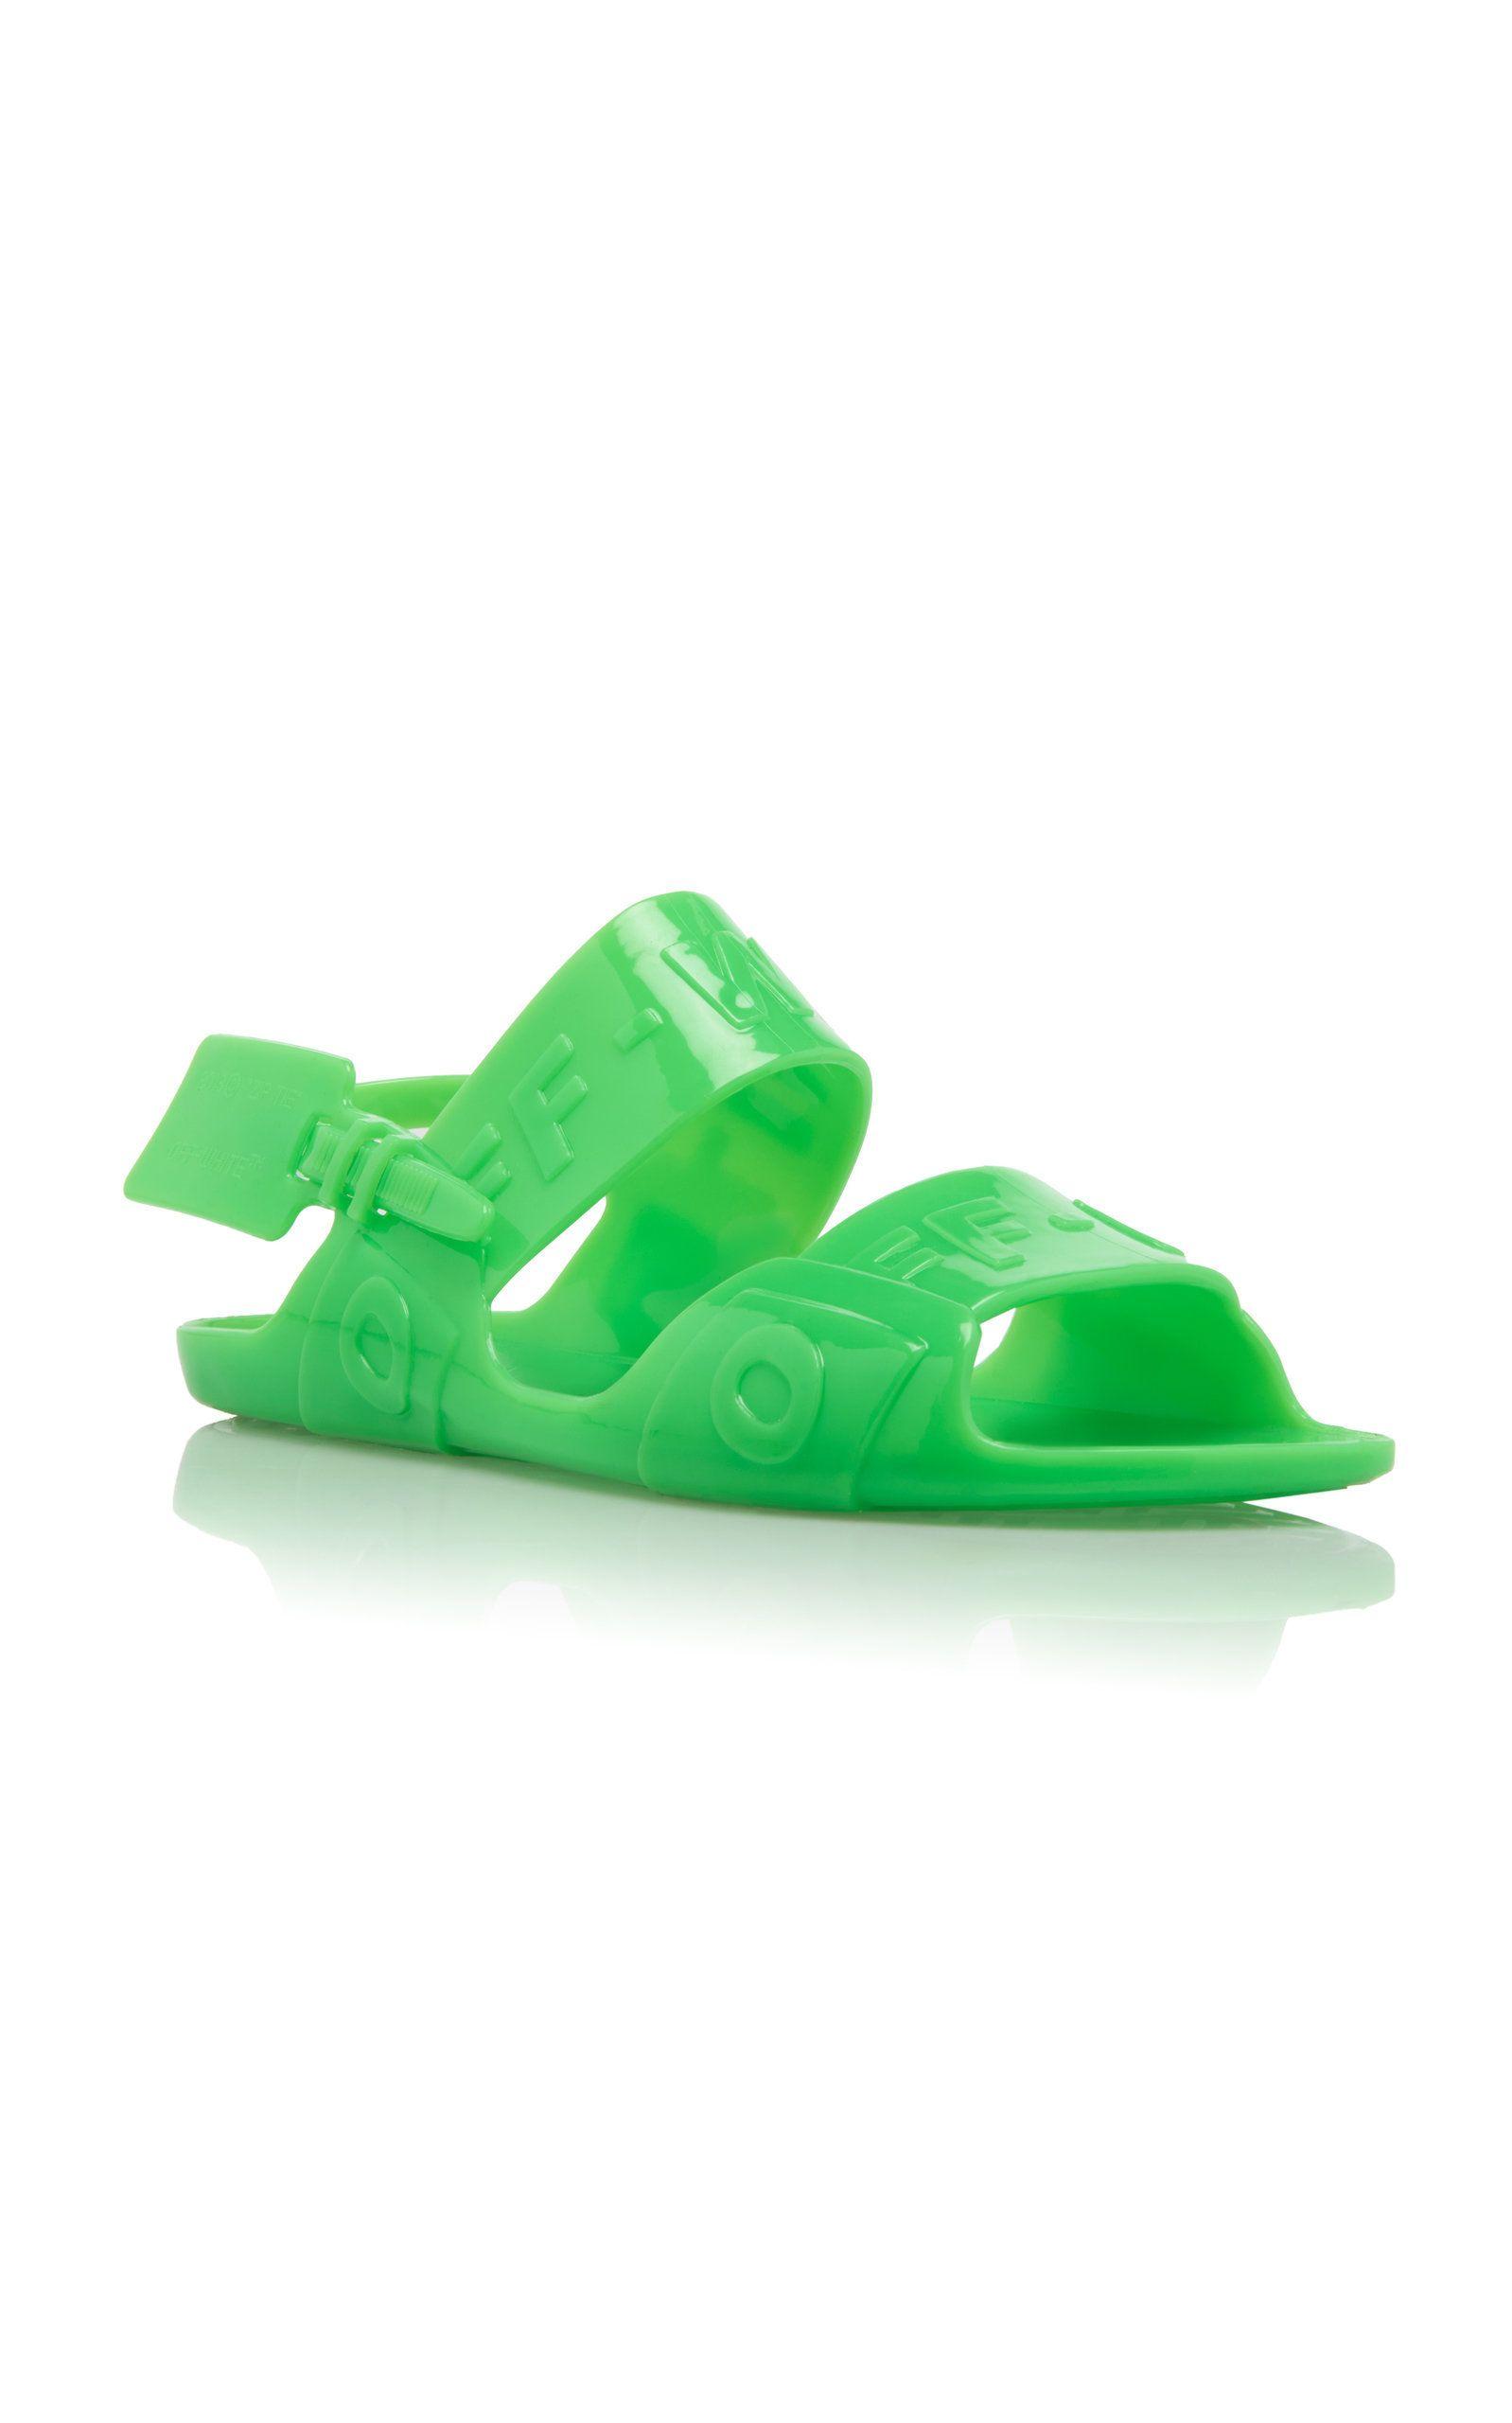 Zip-Tie Vinyl Sandals By Off-White C/o